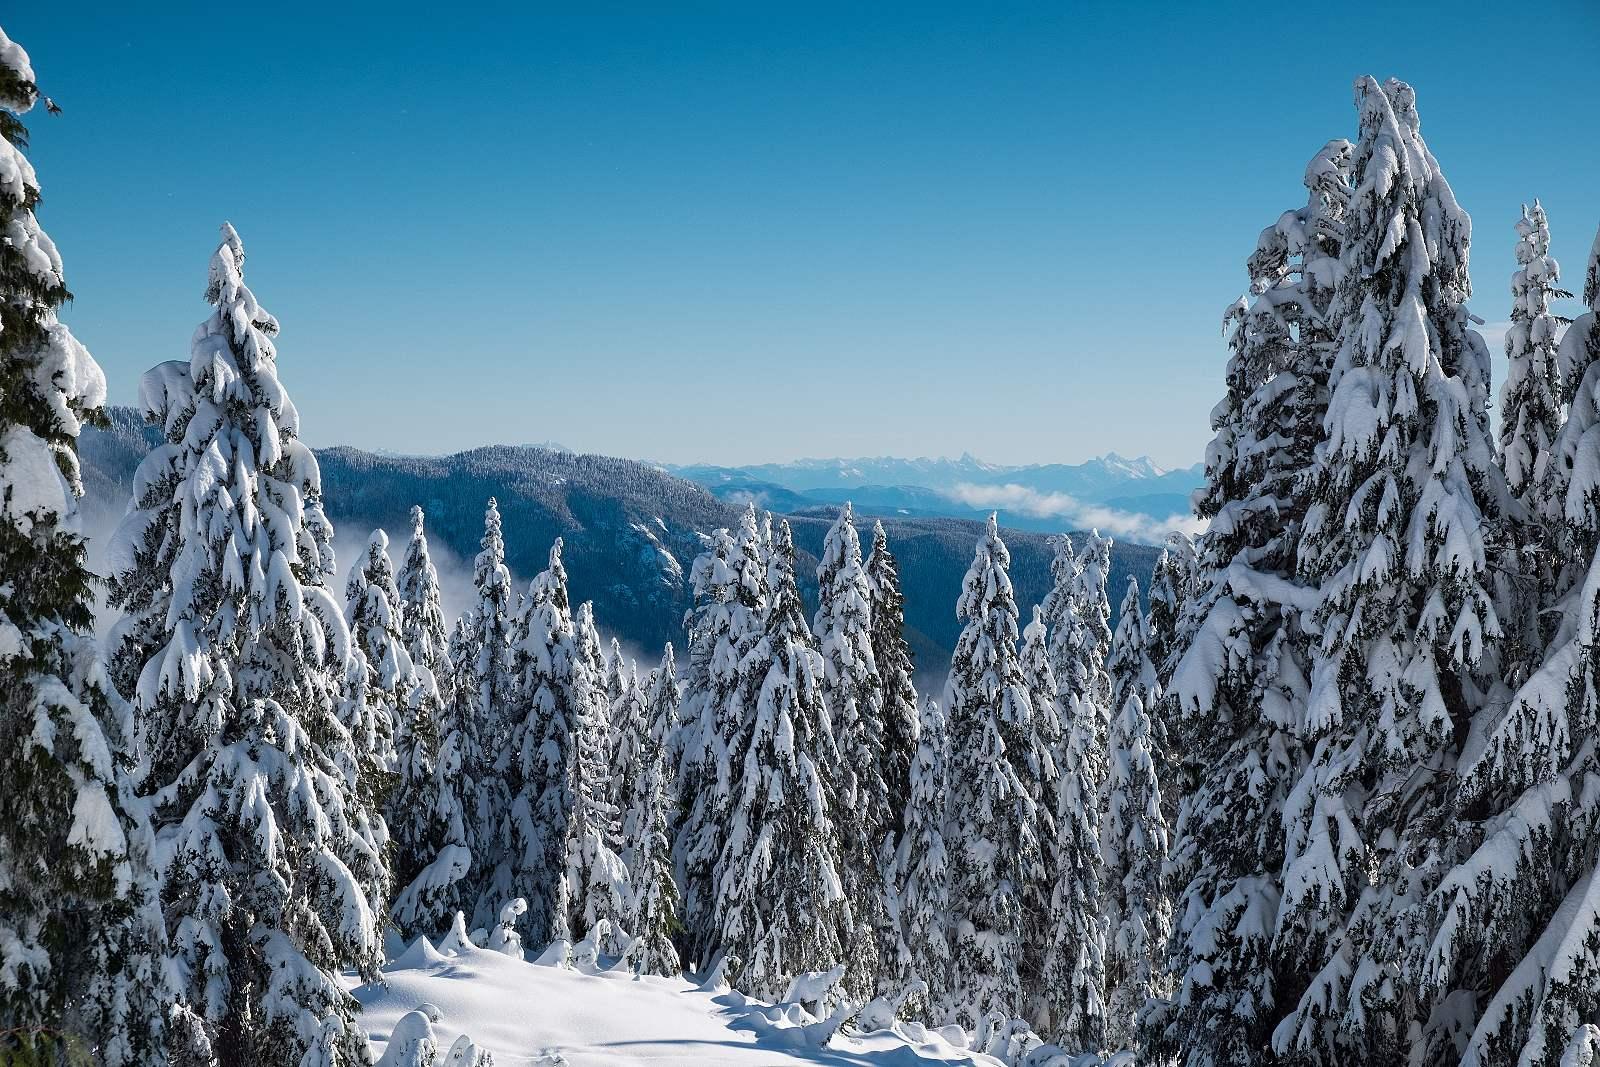 FOTOLAB fotorádce Fotíme v zimě